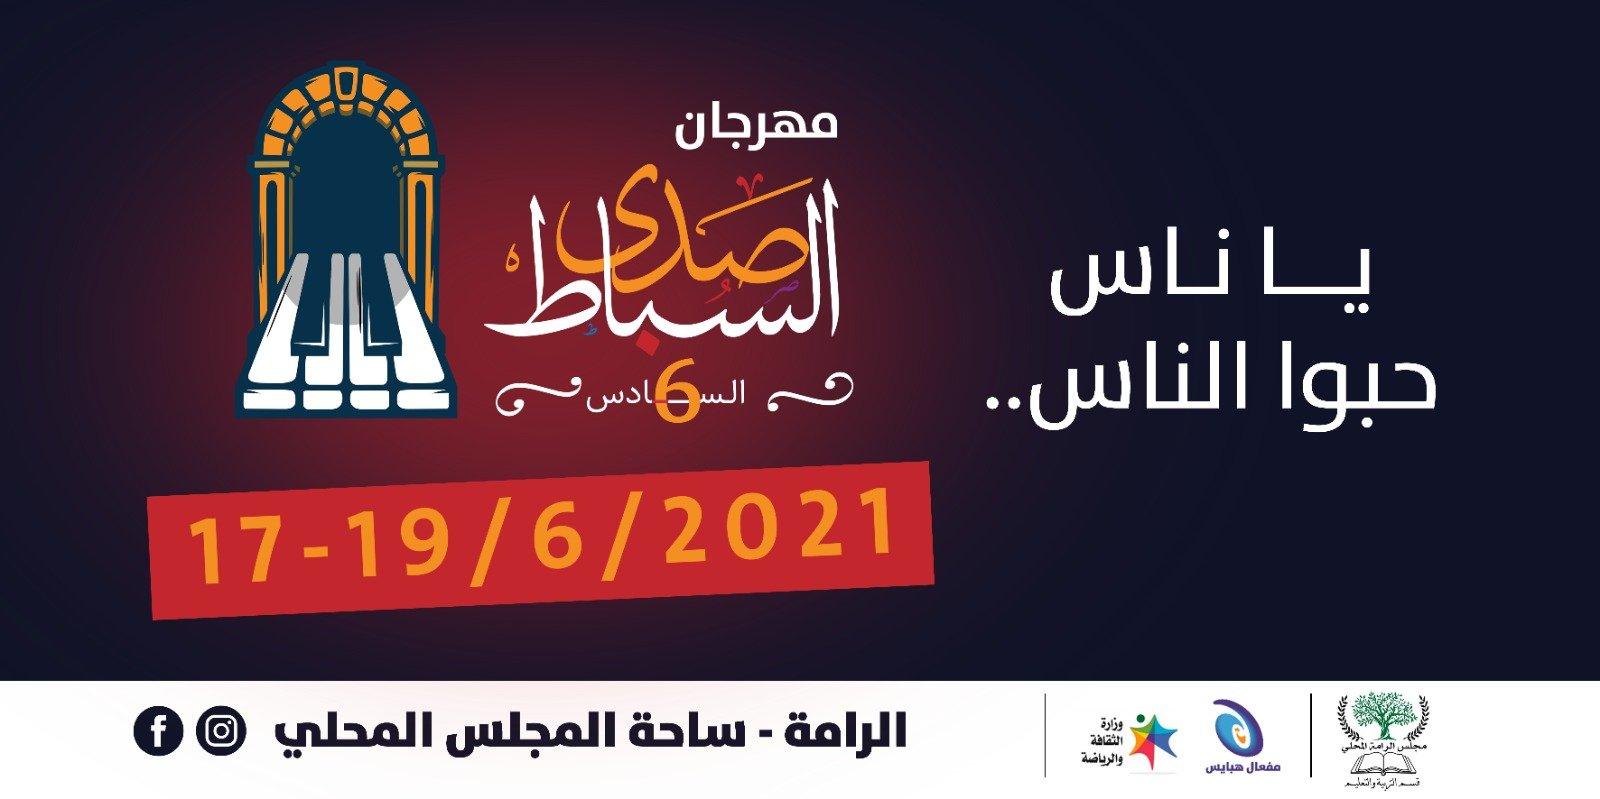 مهرجان صدى السباط السادس في الرامة يستقطب نجوم الفن من 17.6 حتى 19.6-6